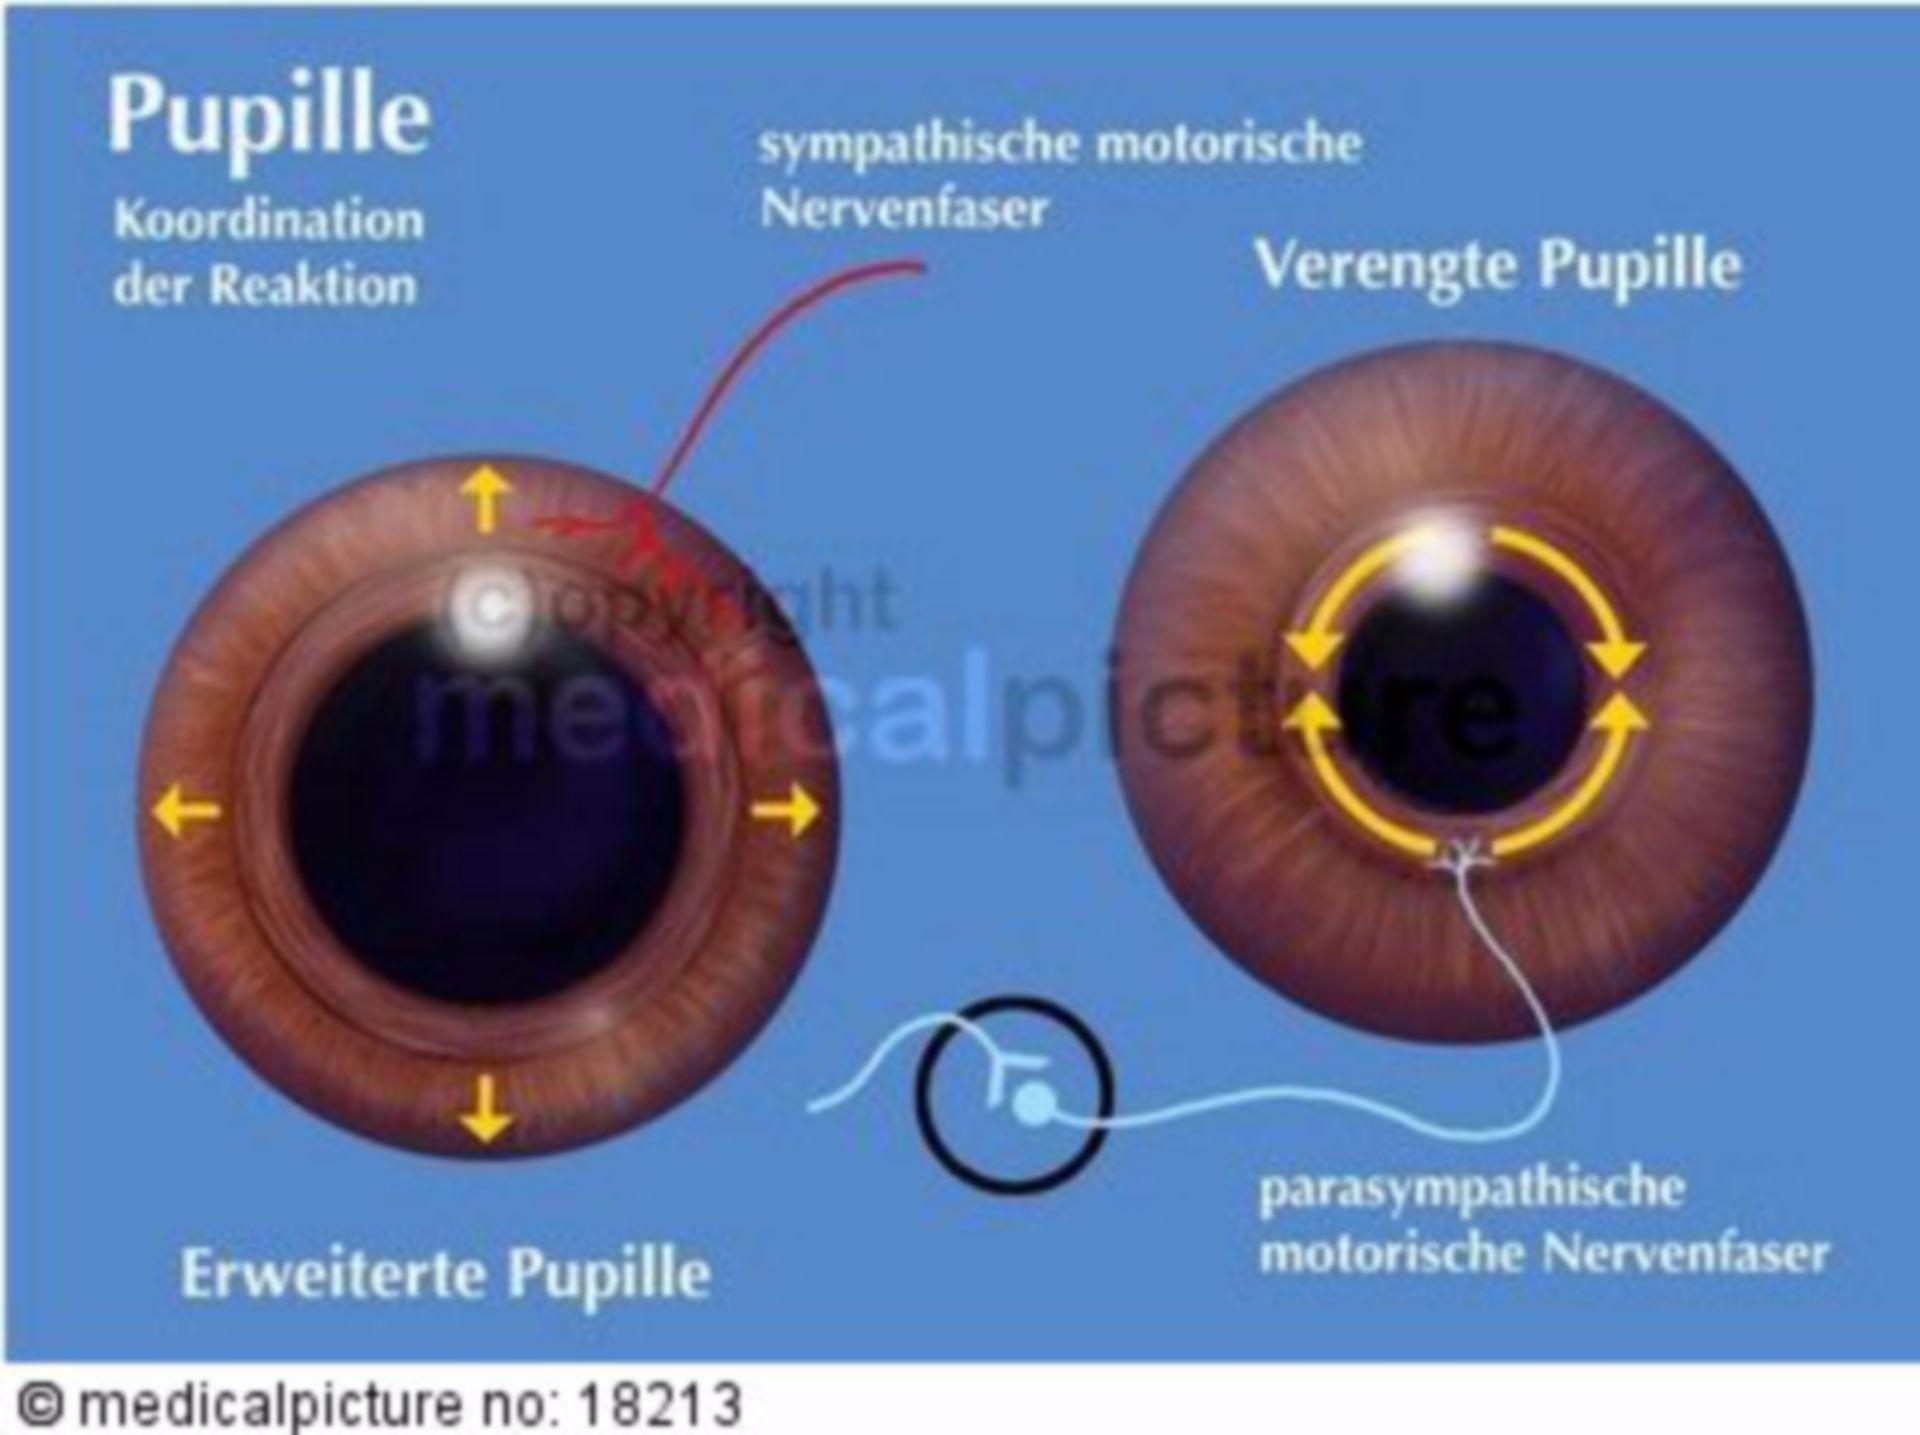 Pupille, Pupillenweitstellung, Pupillenengstellung